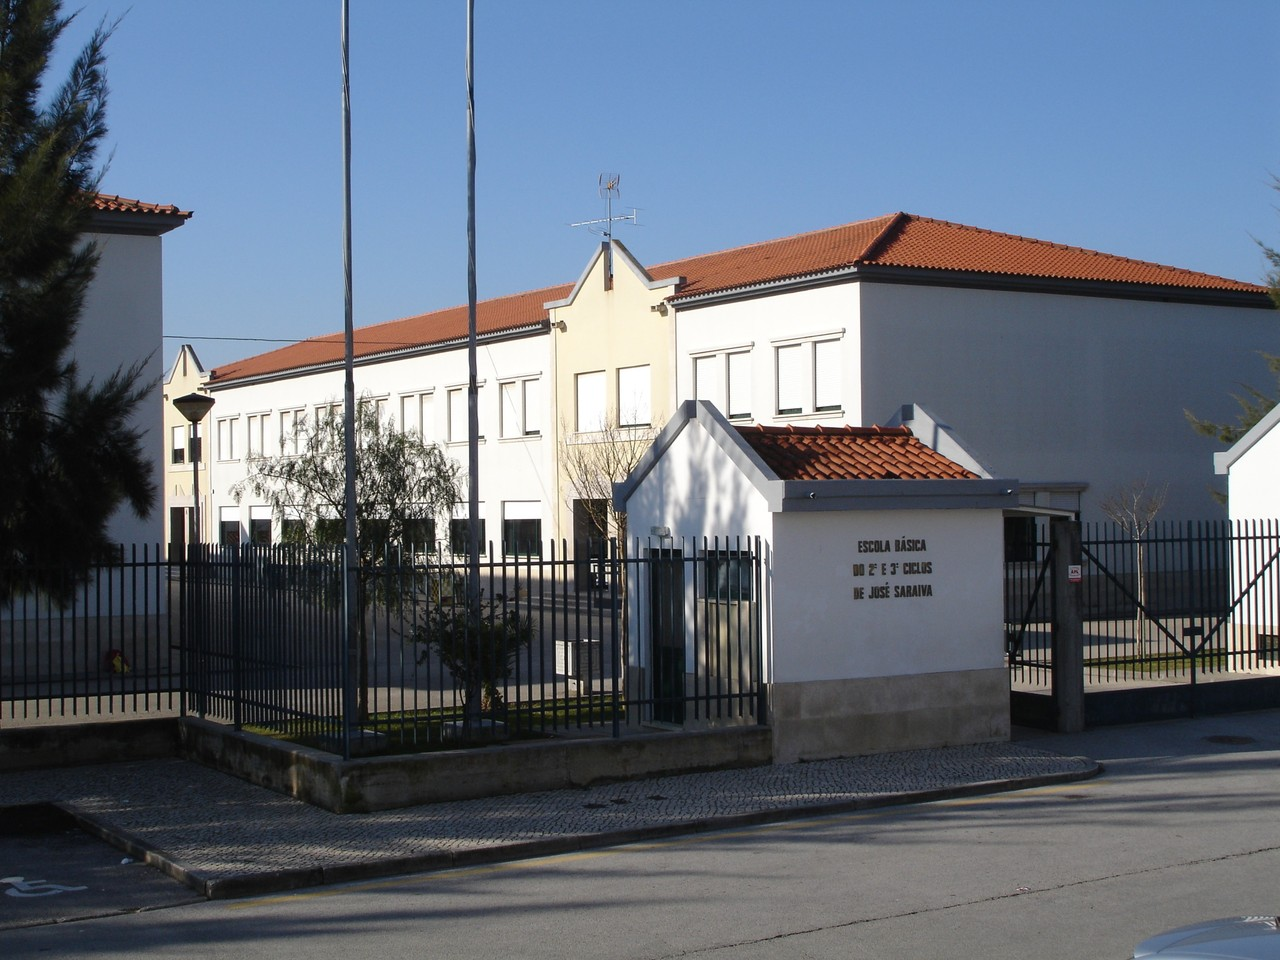 EB 2,3 José Saraiva